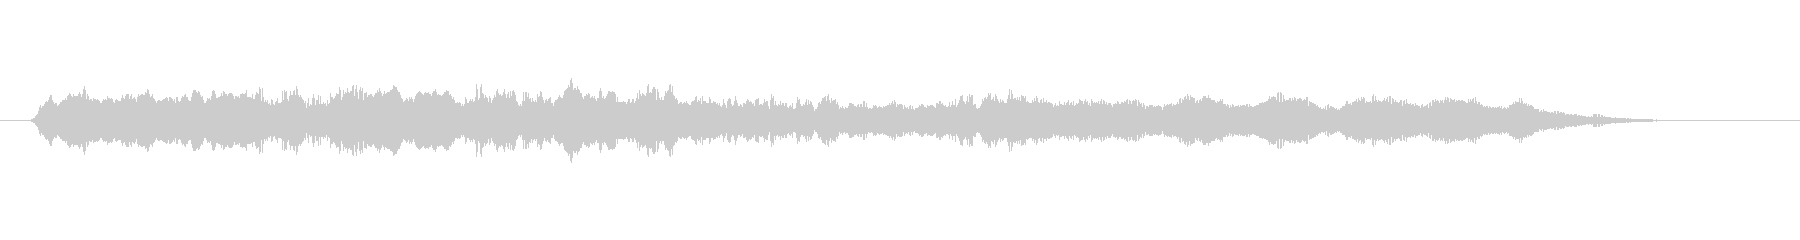 暗いイメージの声のアイキャッチの未再生の波形